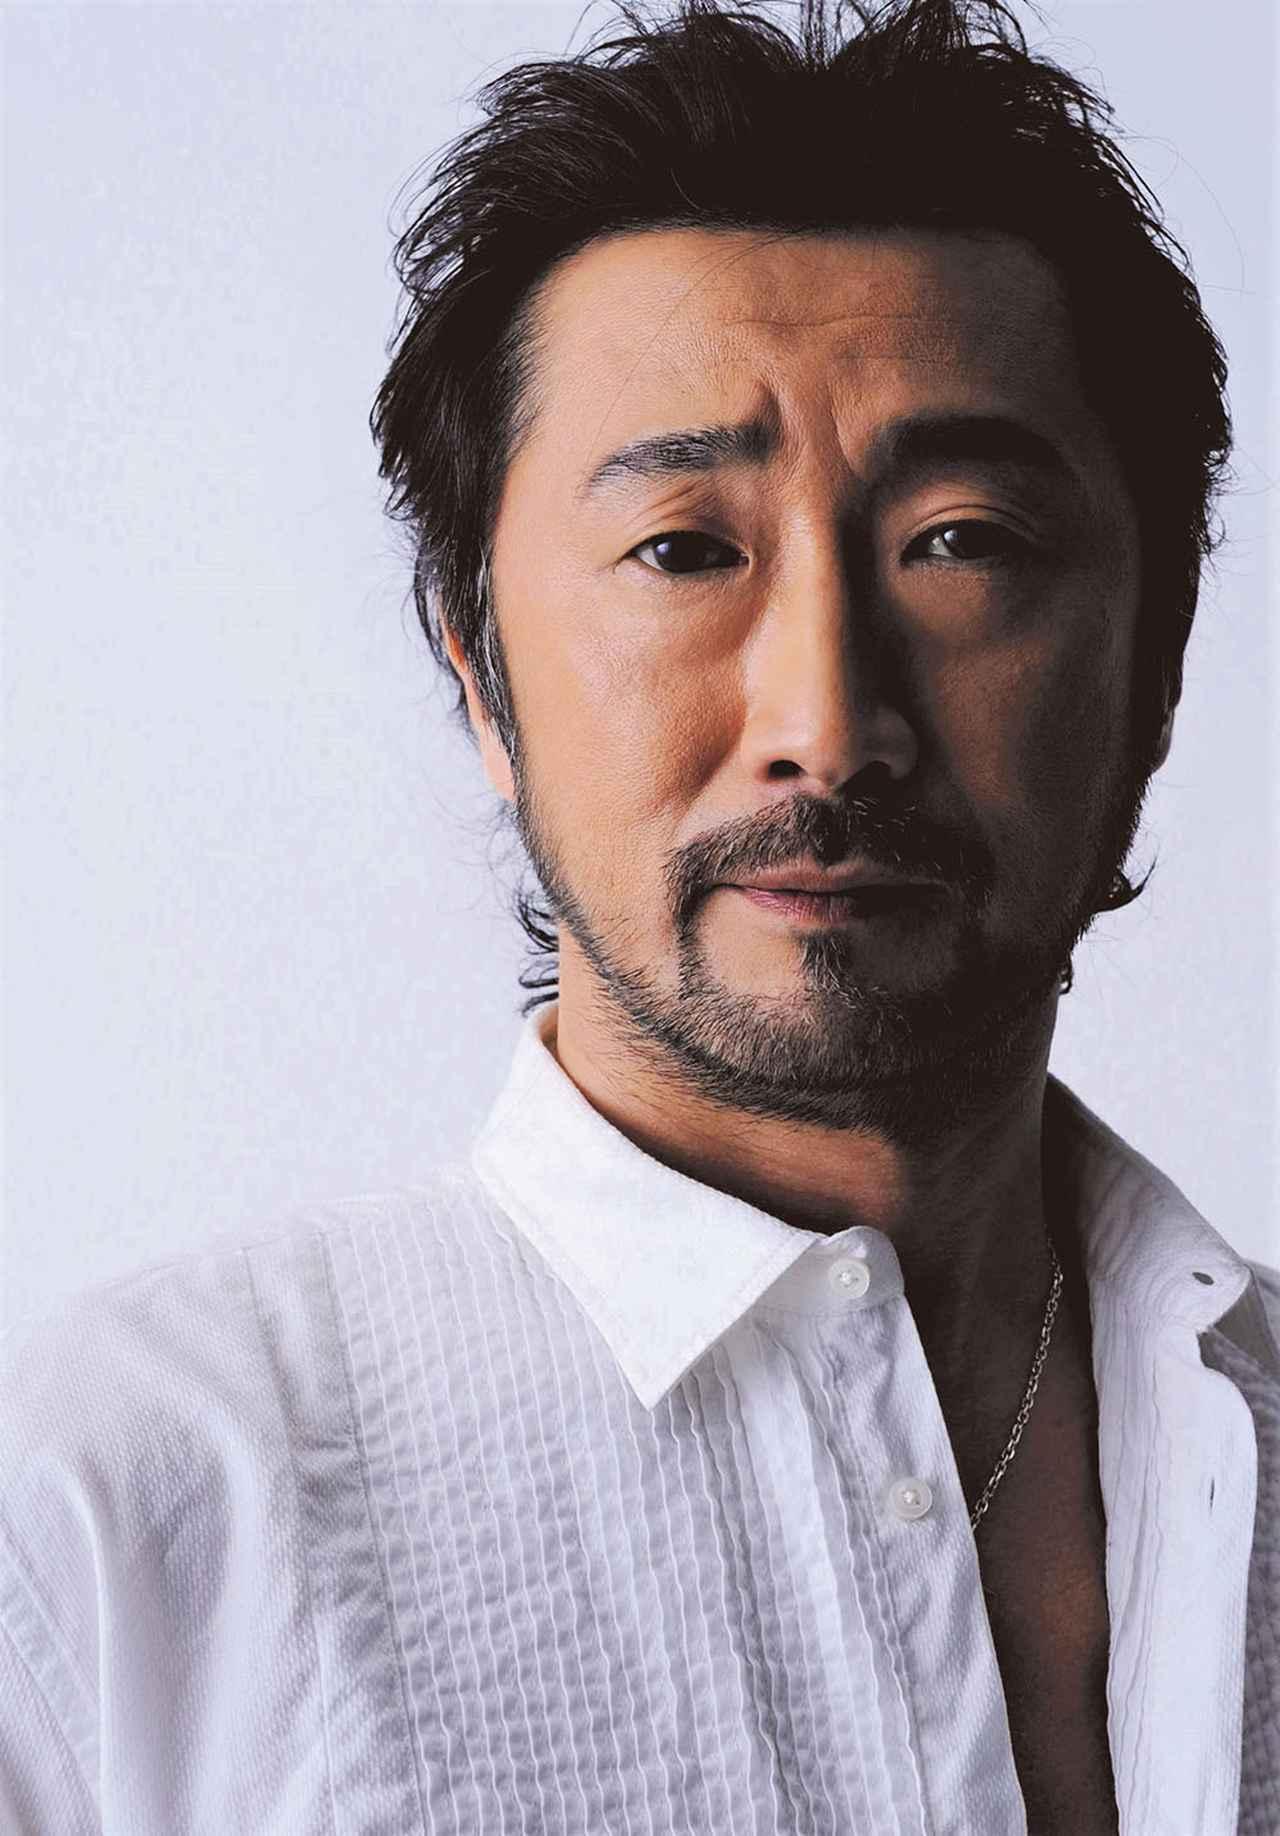 画像2: 次元大介の声が、小林清志さんから、大塚明夫さんに交代! 10月9日スタートの『ルパン三世PART6』、声優キャストとPV第2弾が本日解禁